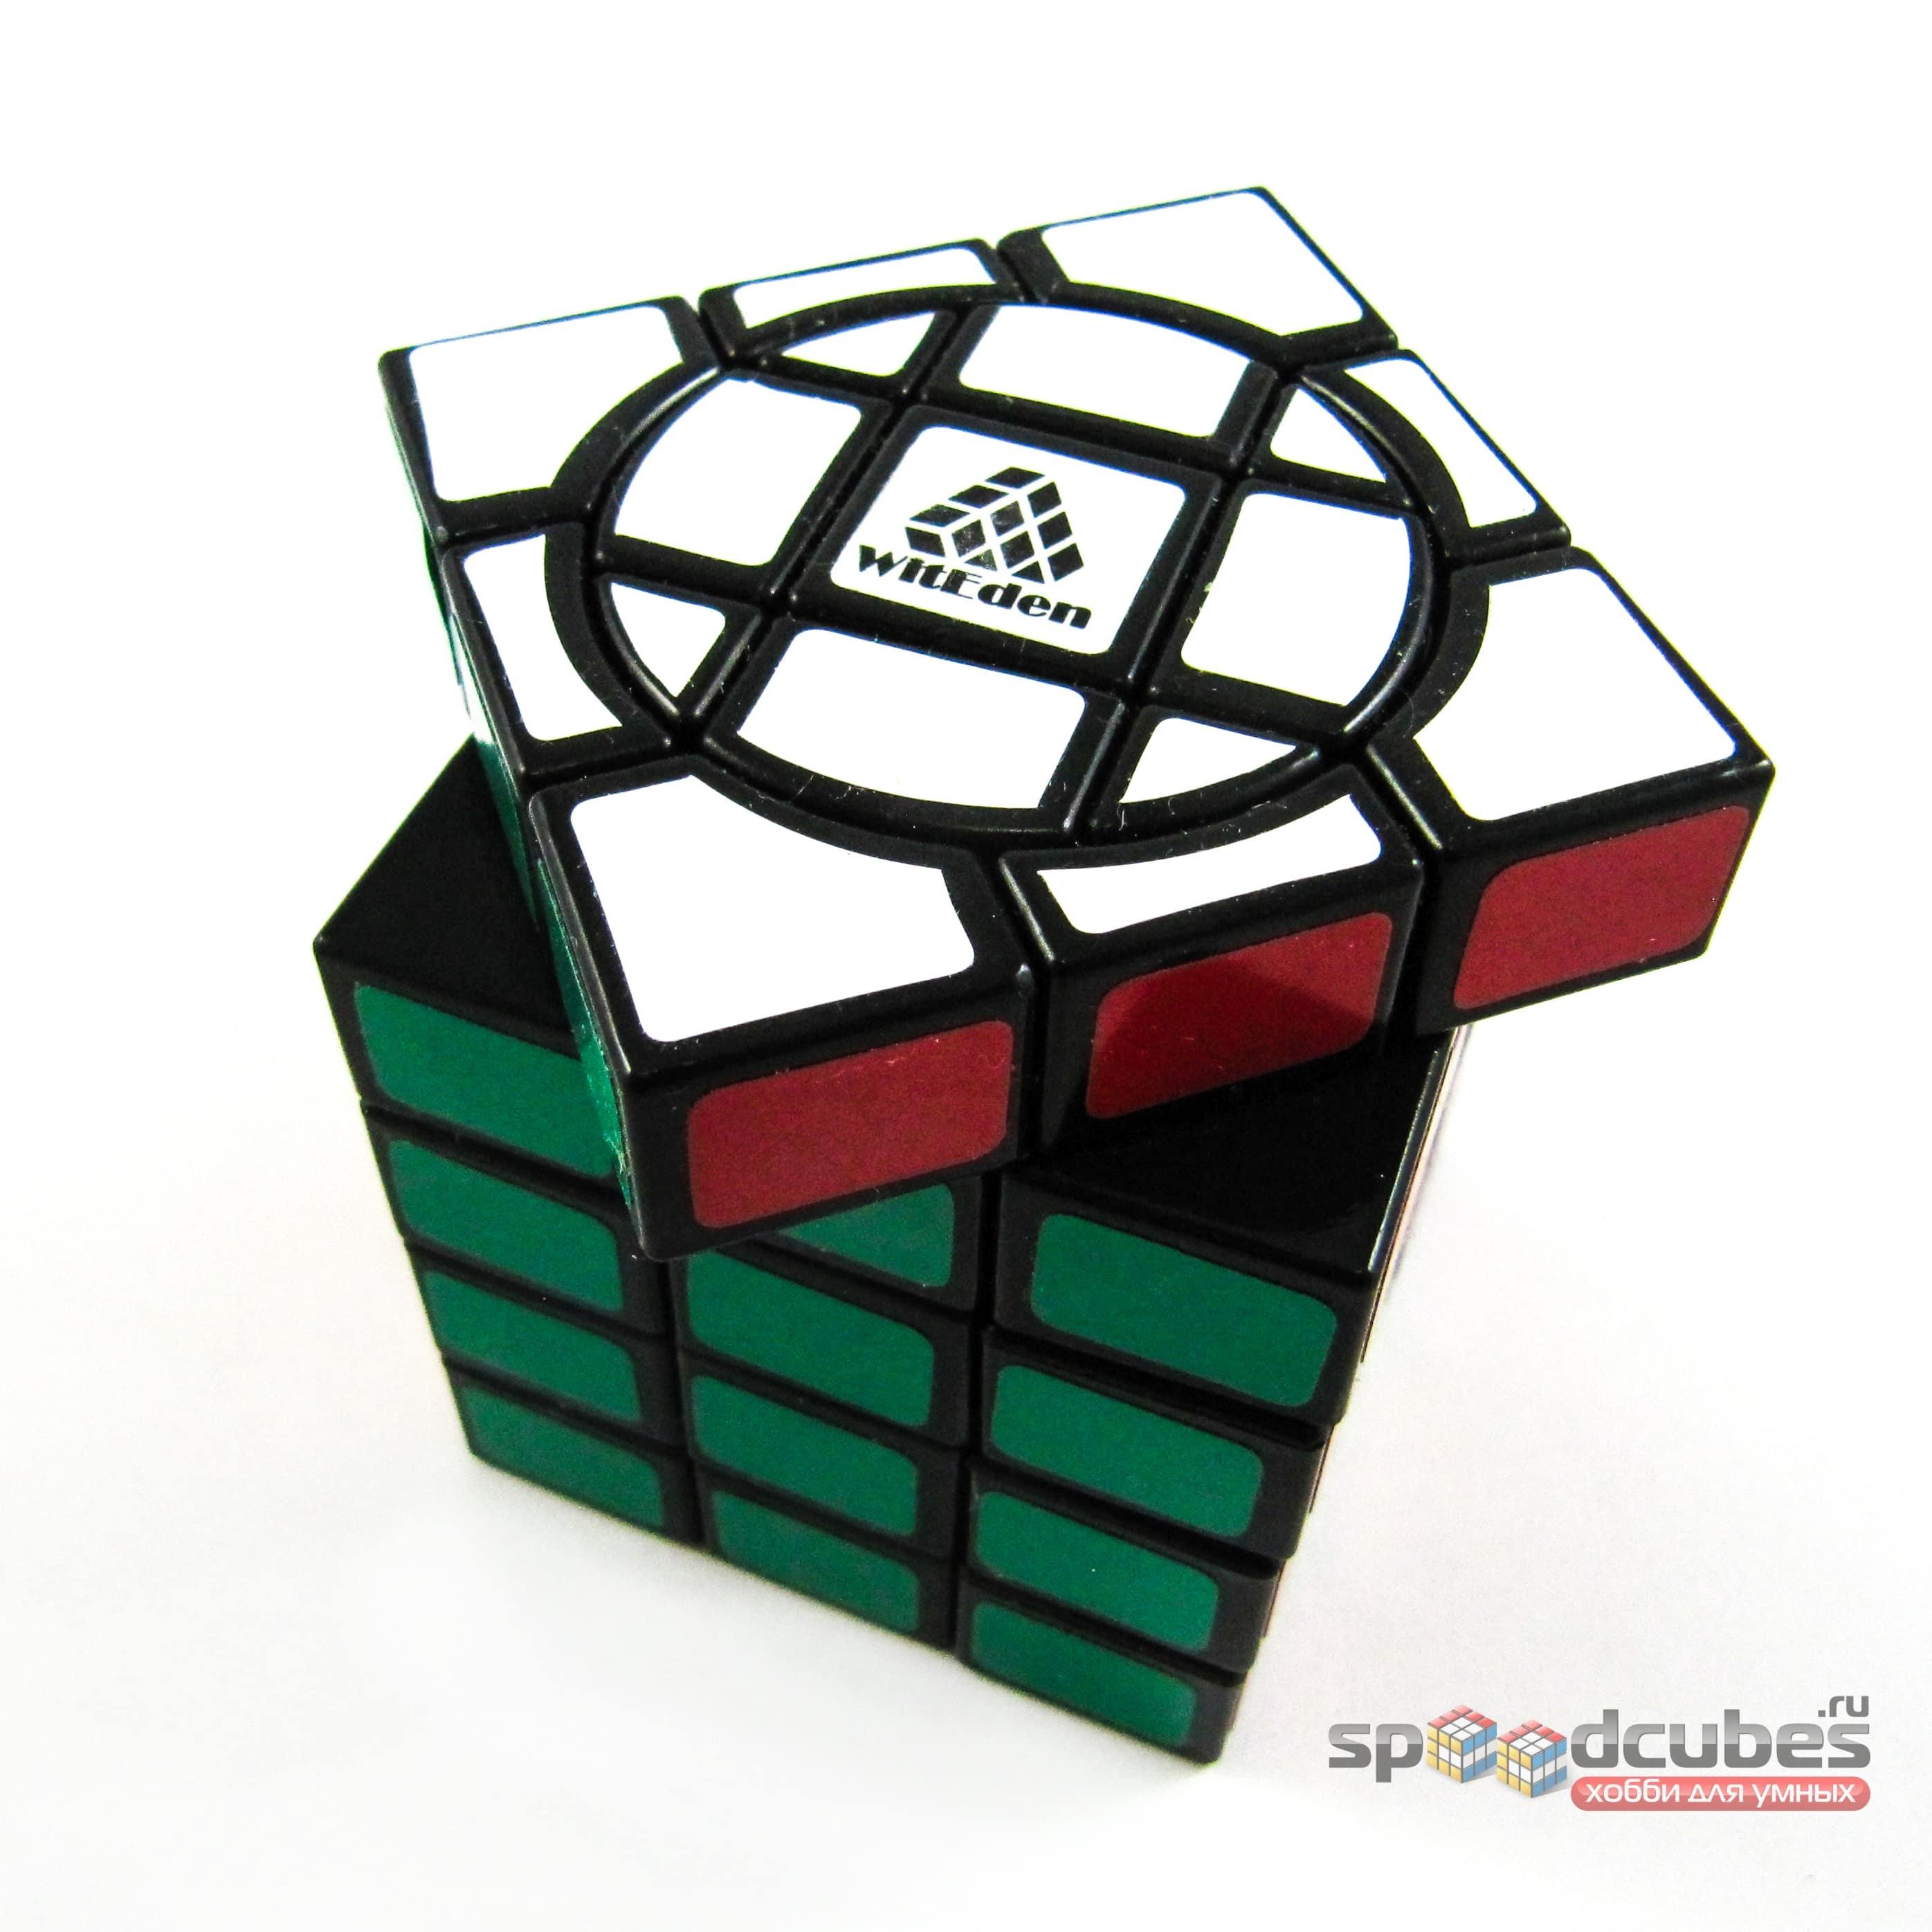 Witeden 3x3x5 Super 2